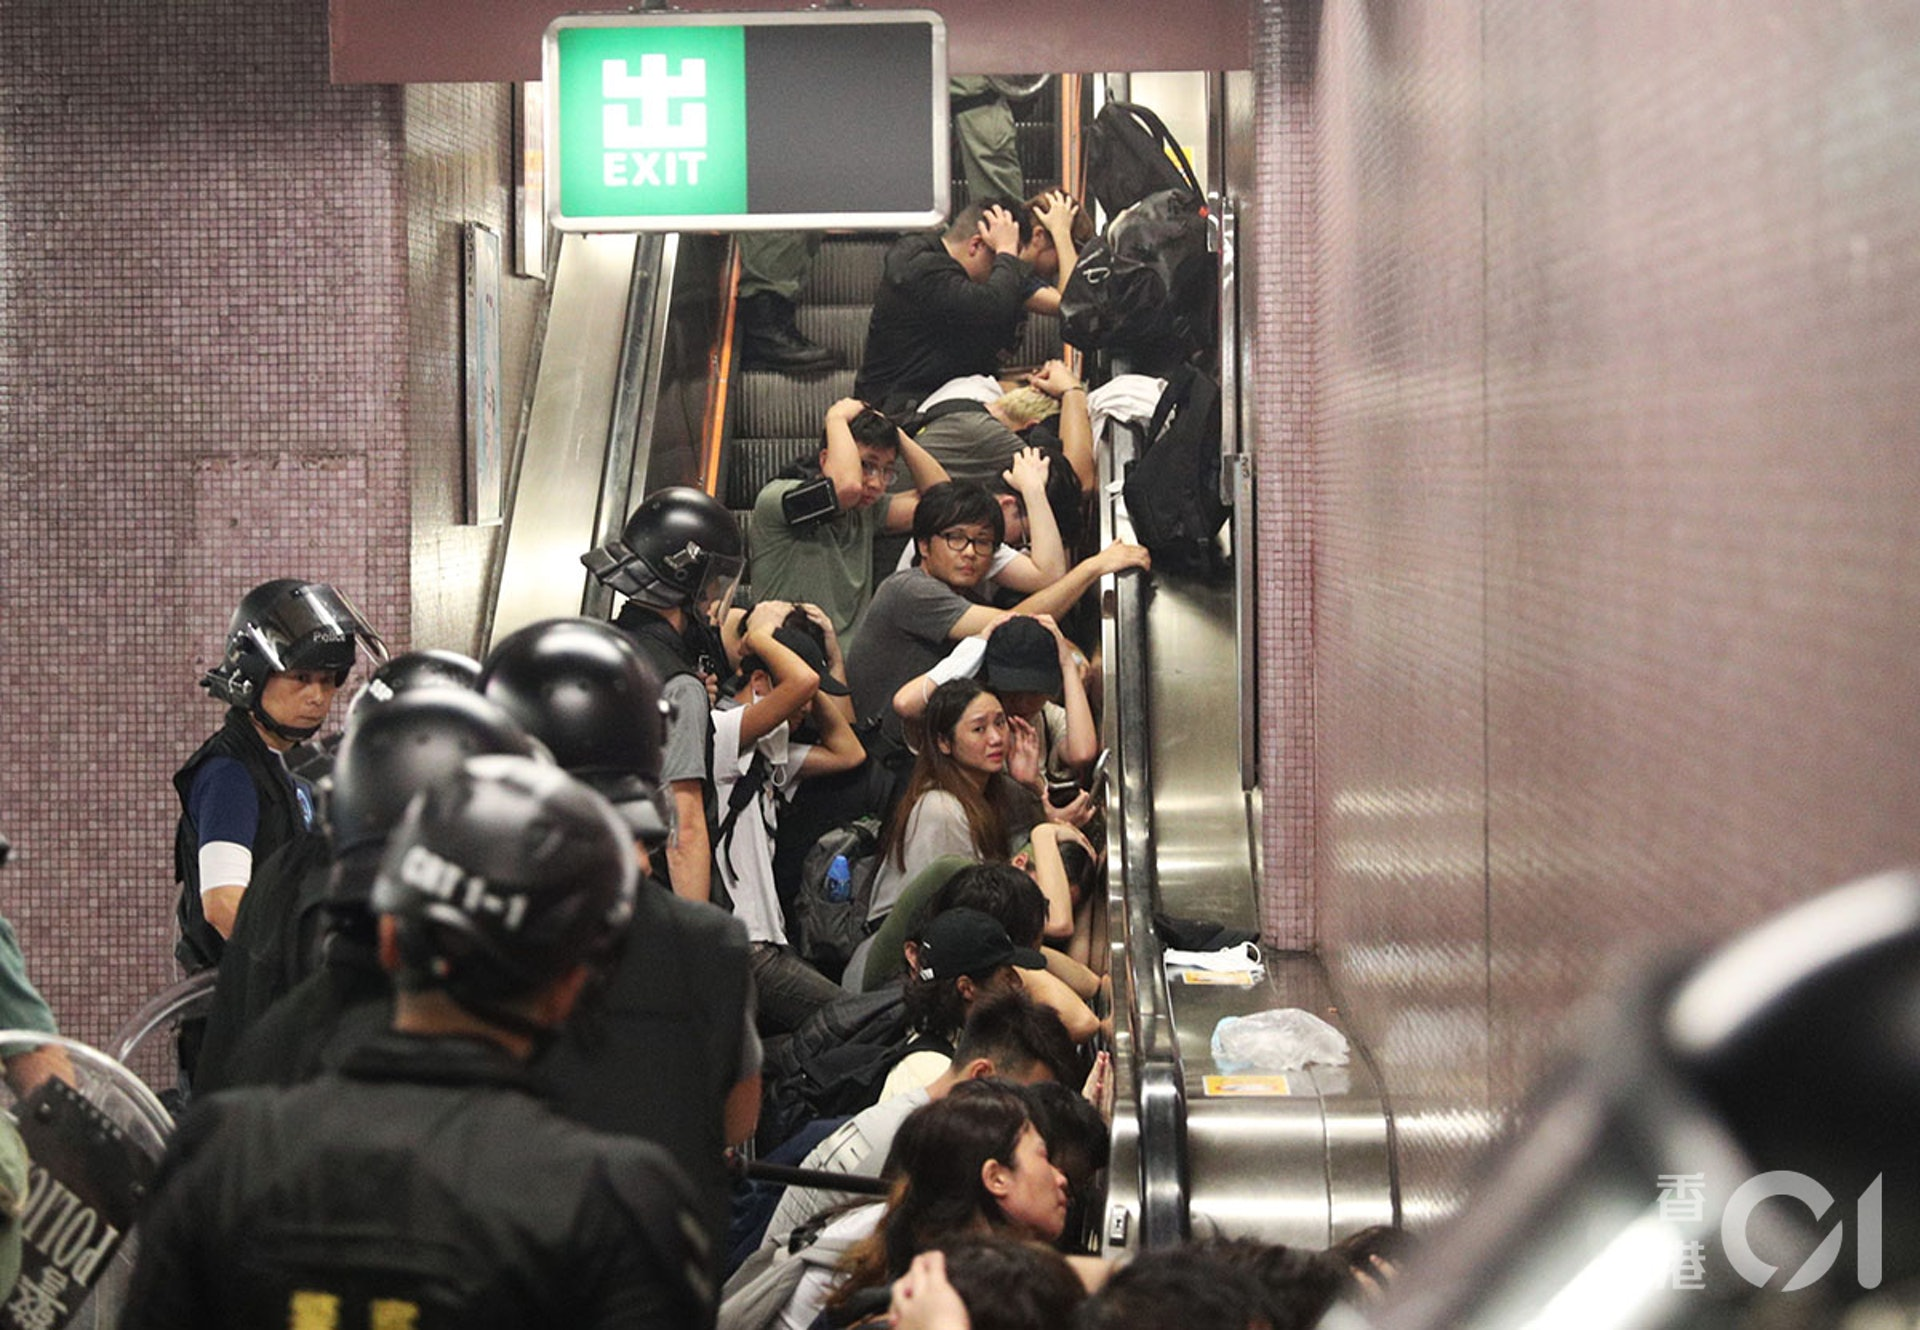 831遊行示威衝突,晚上11點,警方在太子站列車和月台內,拘捕示威者,期間在車廂內施放胡椒噴霧、揮動警棍,有人流血受傷。(余俊亮攝)